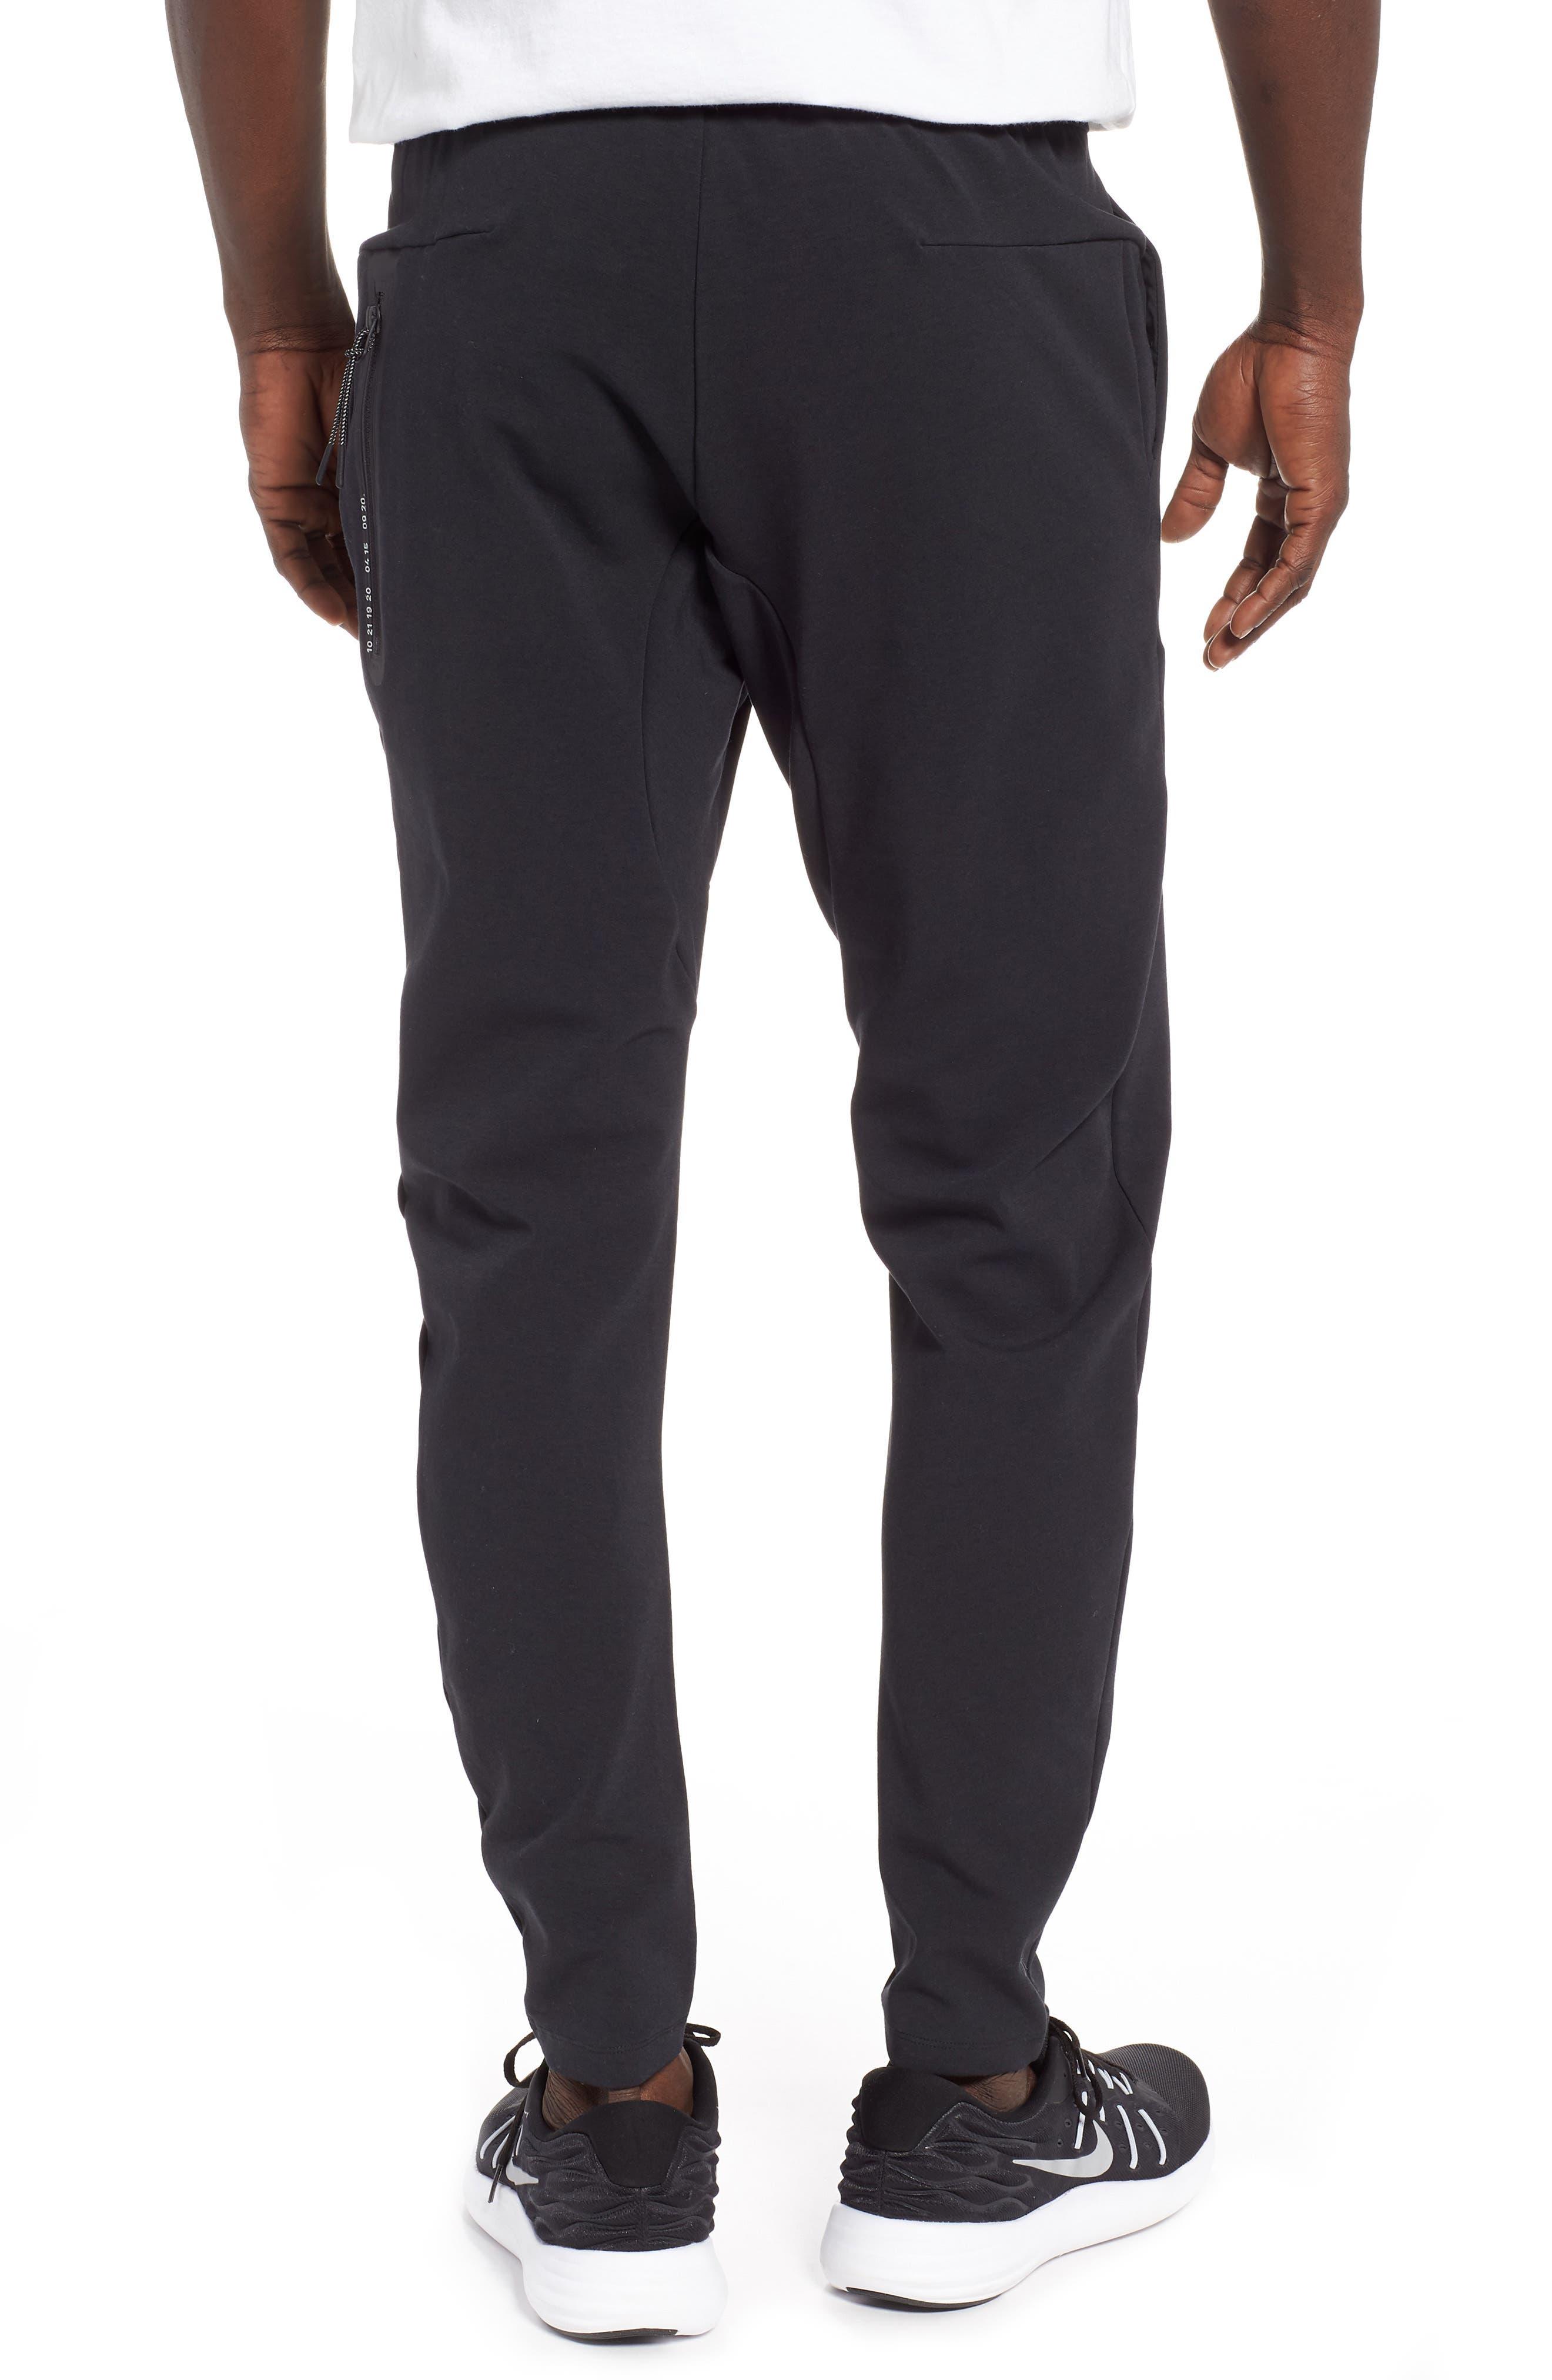 Tech Knit Jogger Pants,                             Alternate thumbnail 2, color,                             BLACK/ BLACK